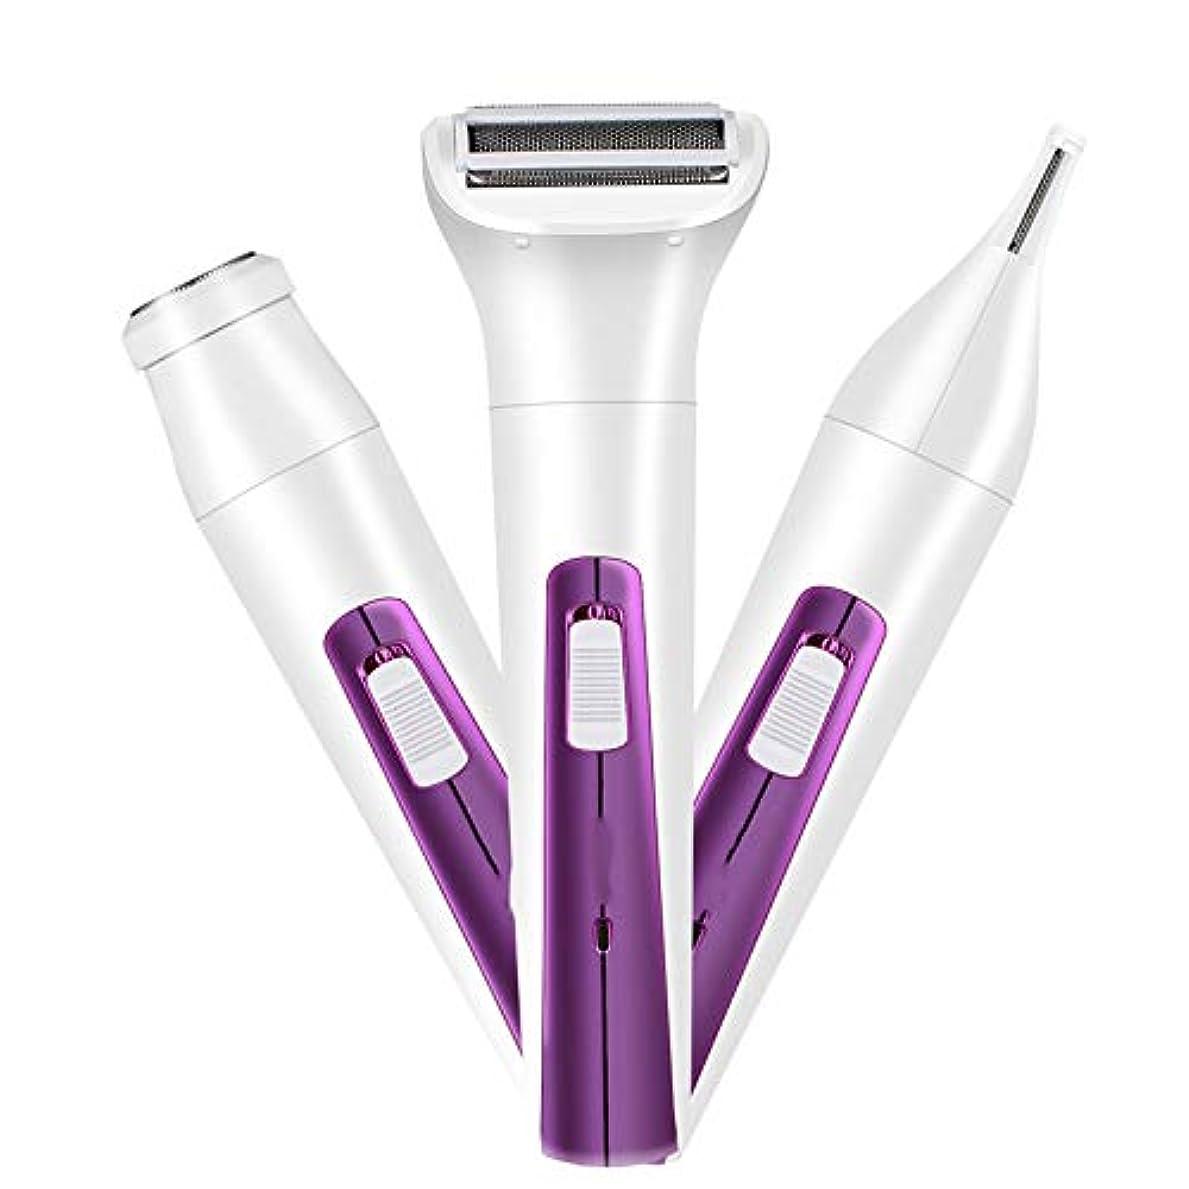 音節交じる繰り返しポータブル脱毛器は、体の顔の脇の下とビキニラインの女性のための長い髪の成長痛みのない完璧な脱毛装置を減らします,紫色